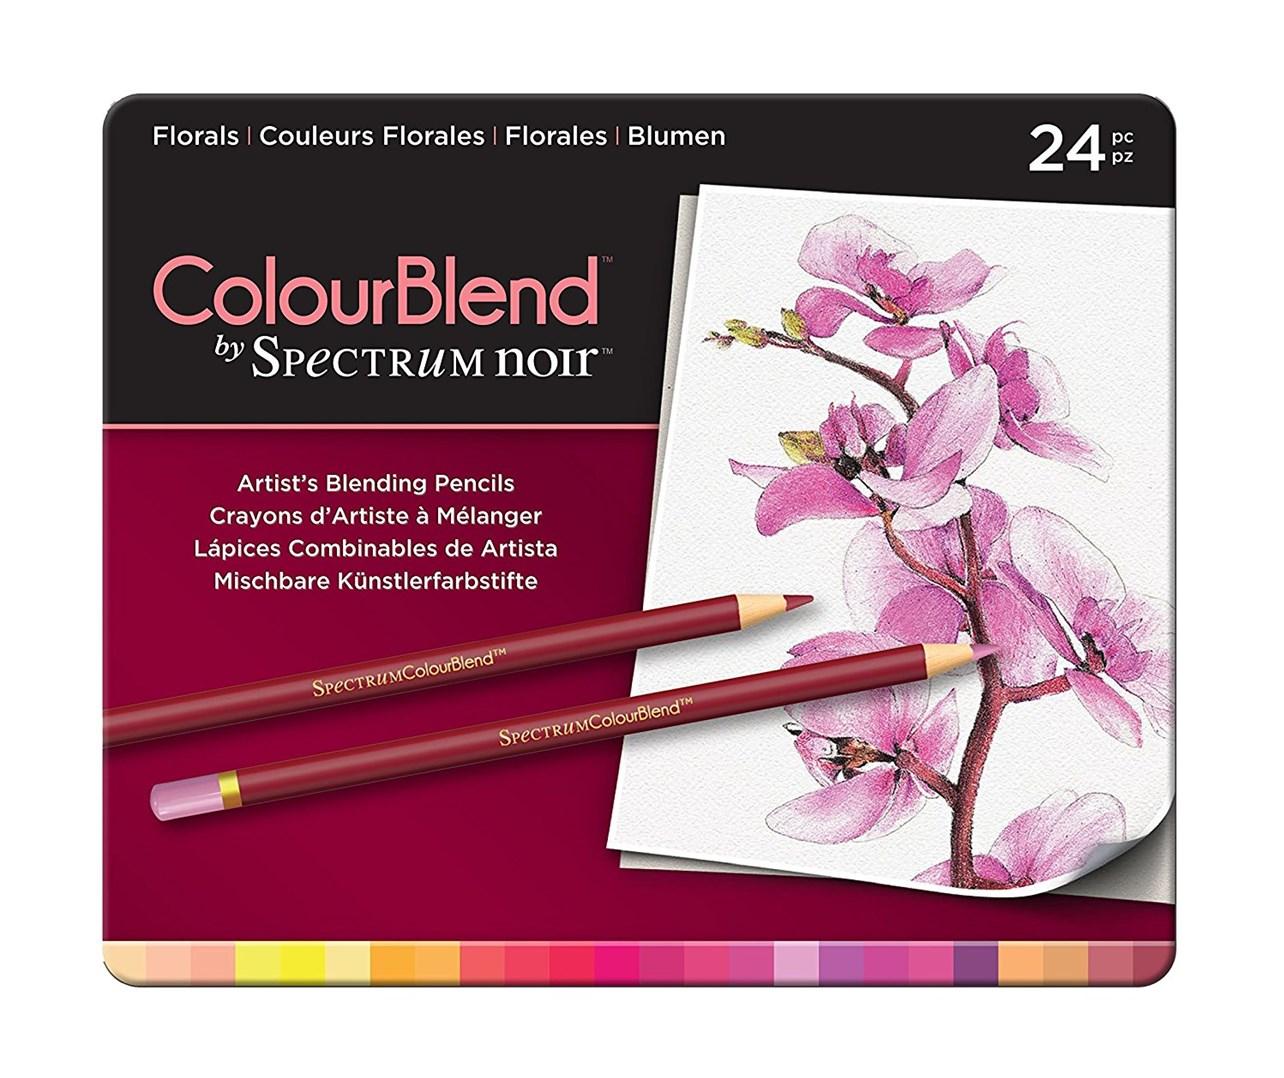 Spectrum Noir, SPECCB-FLO24, umělecké pastelky, sada 24 ks, Florals